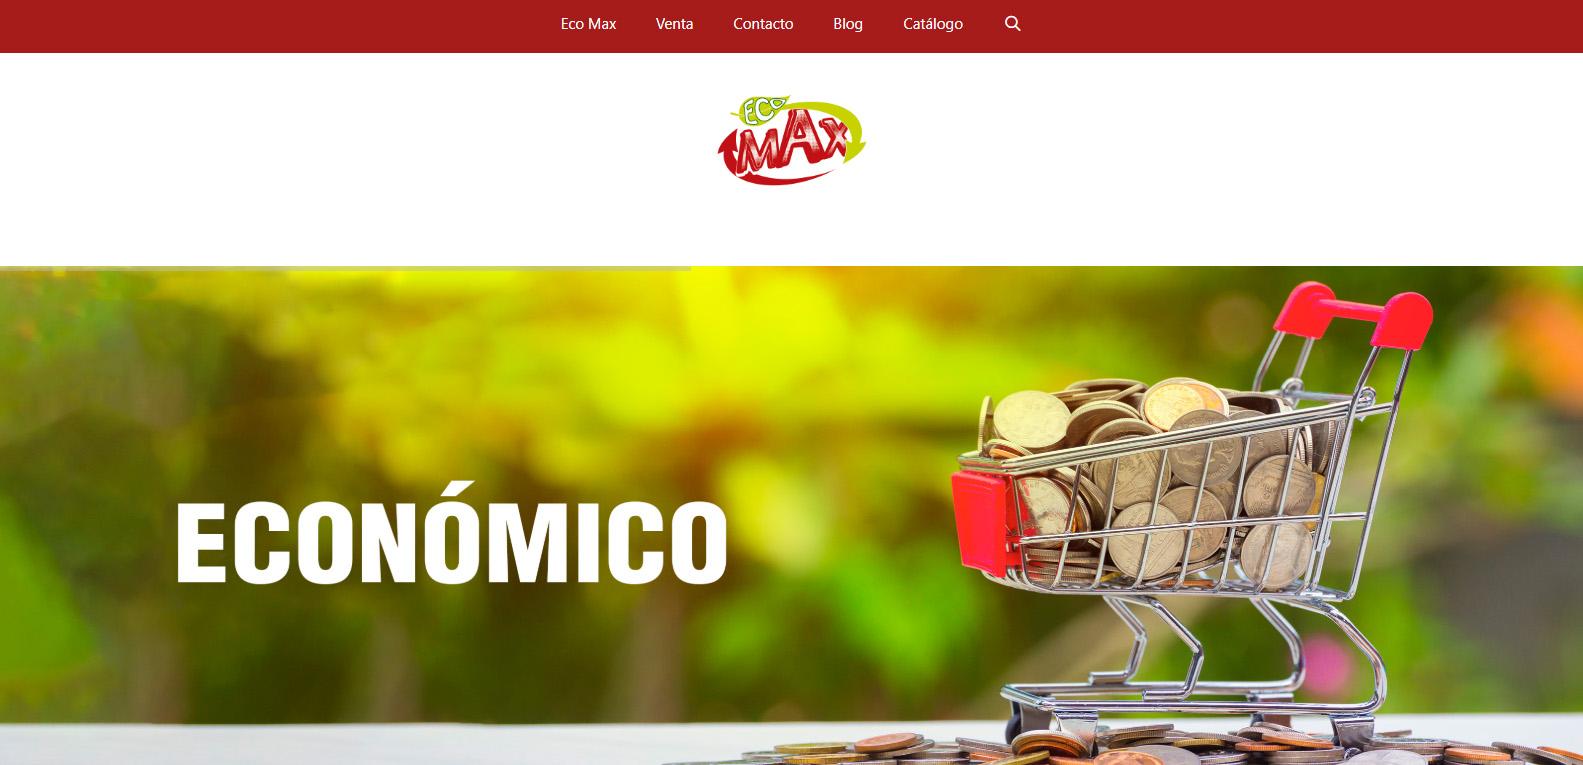 clientes de agencia de diseno web_0017_Capa 1